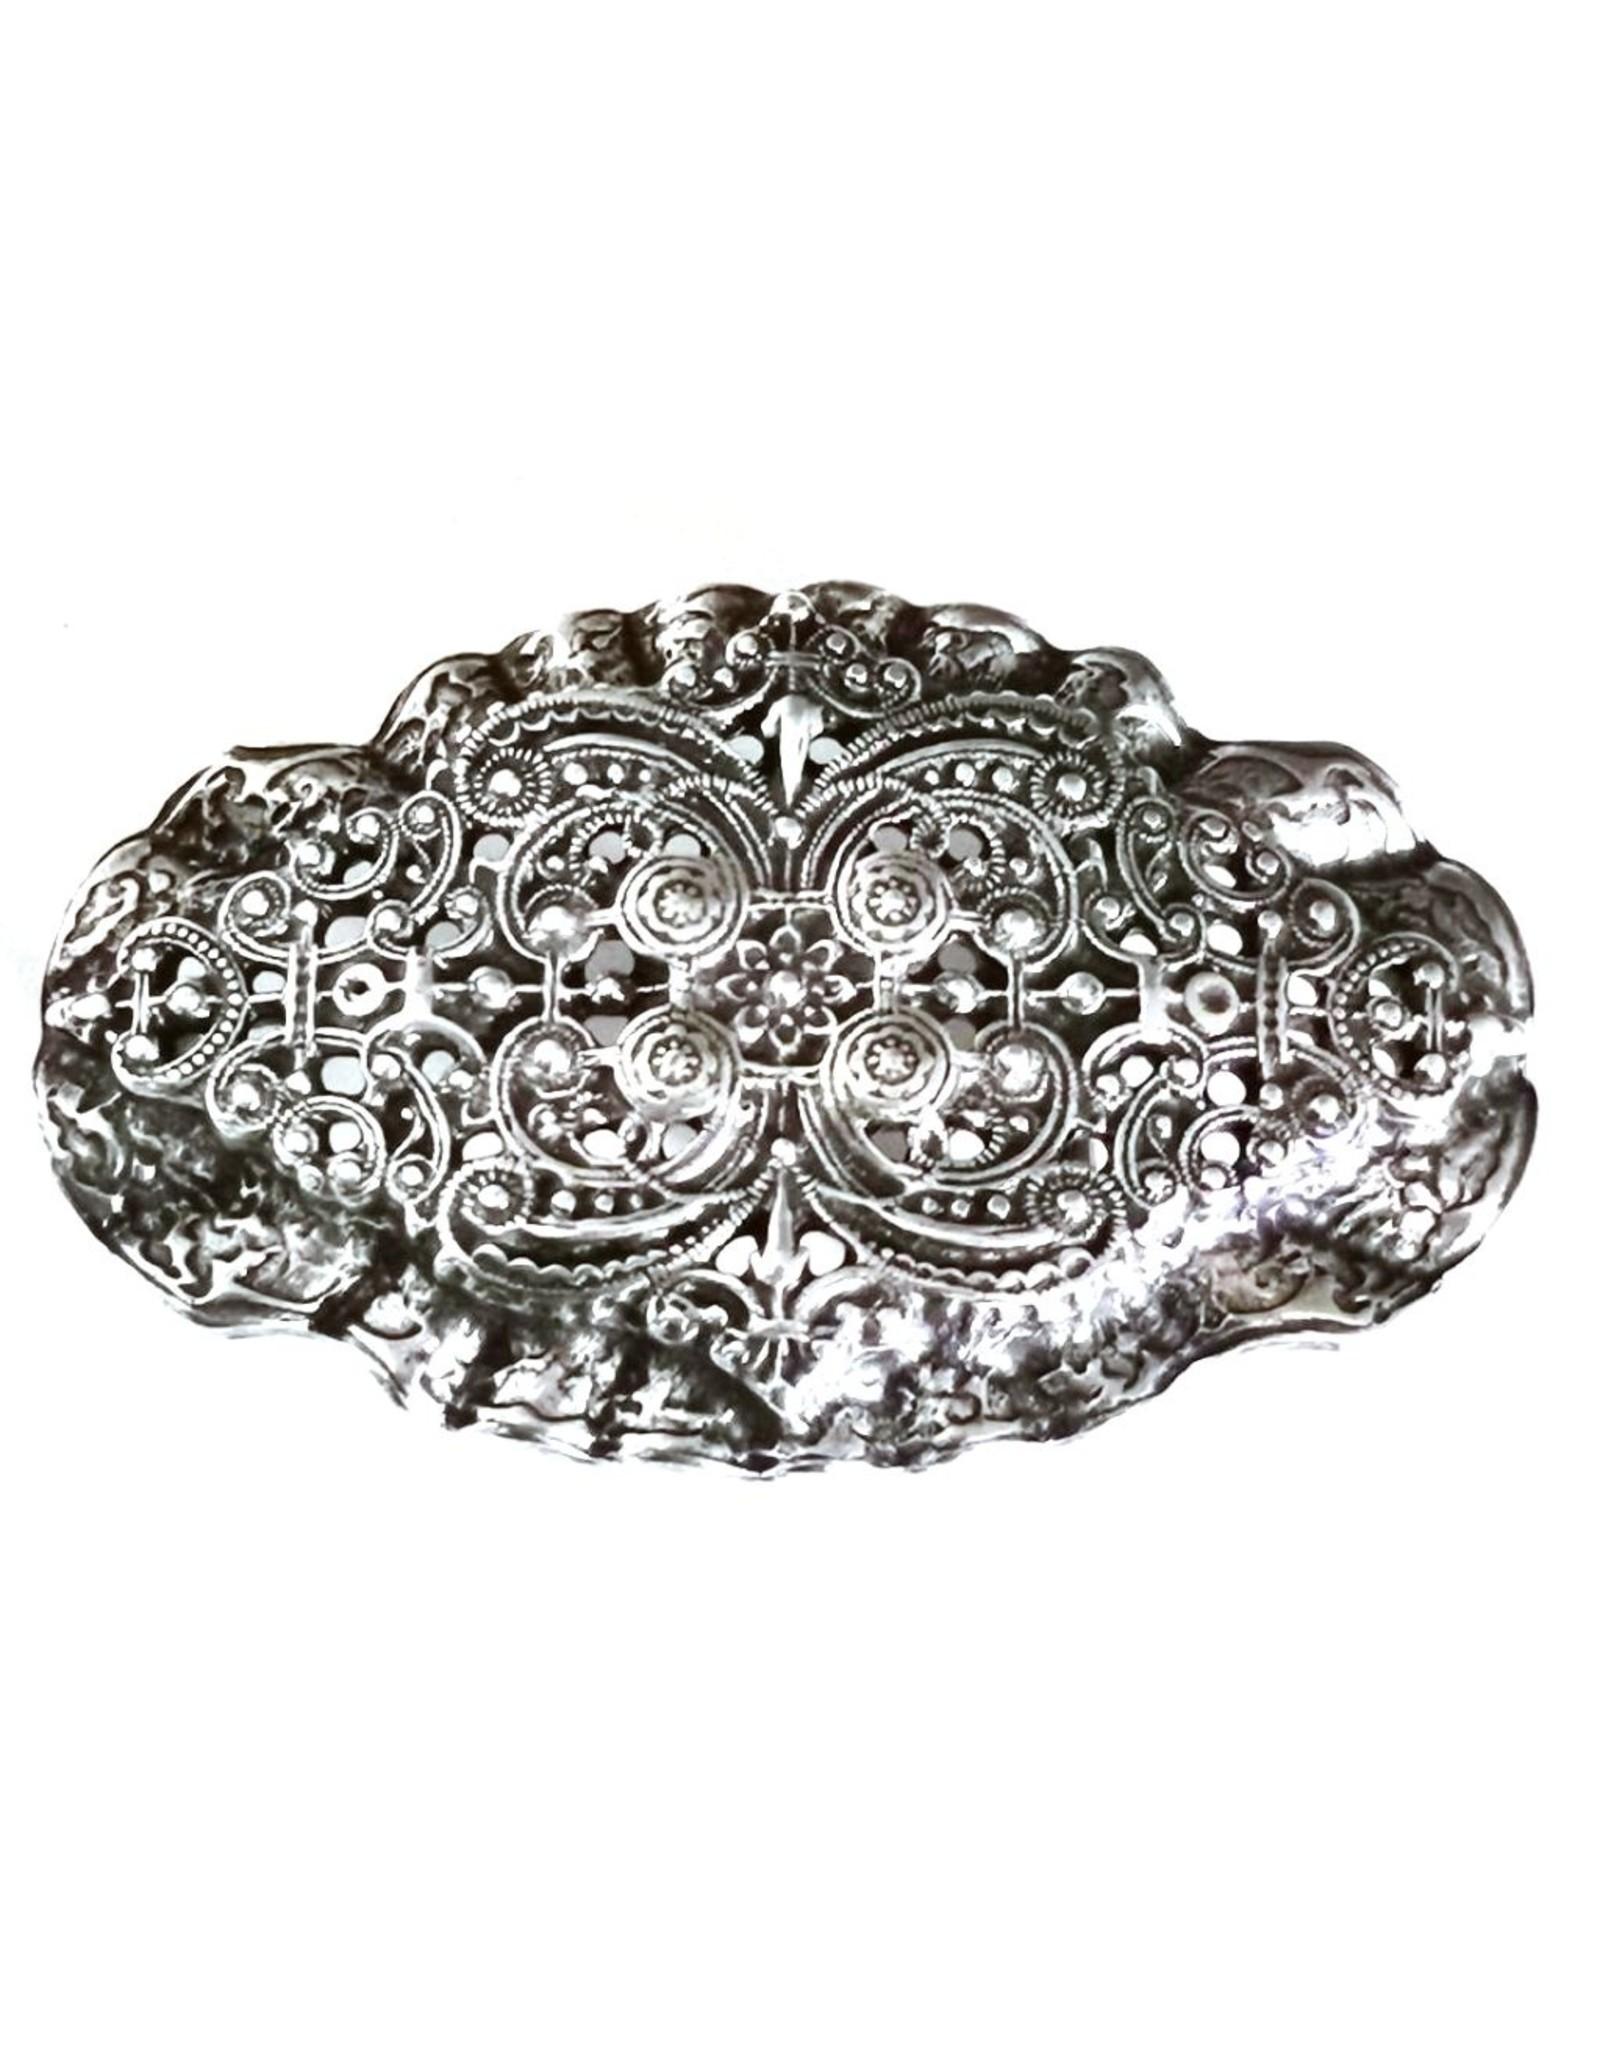 Acco Buckles - Buckle met Victoriaans Ornament - massief metaal